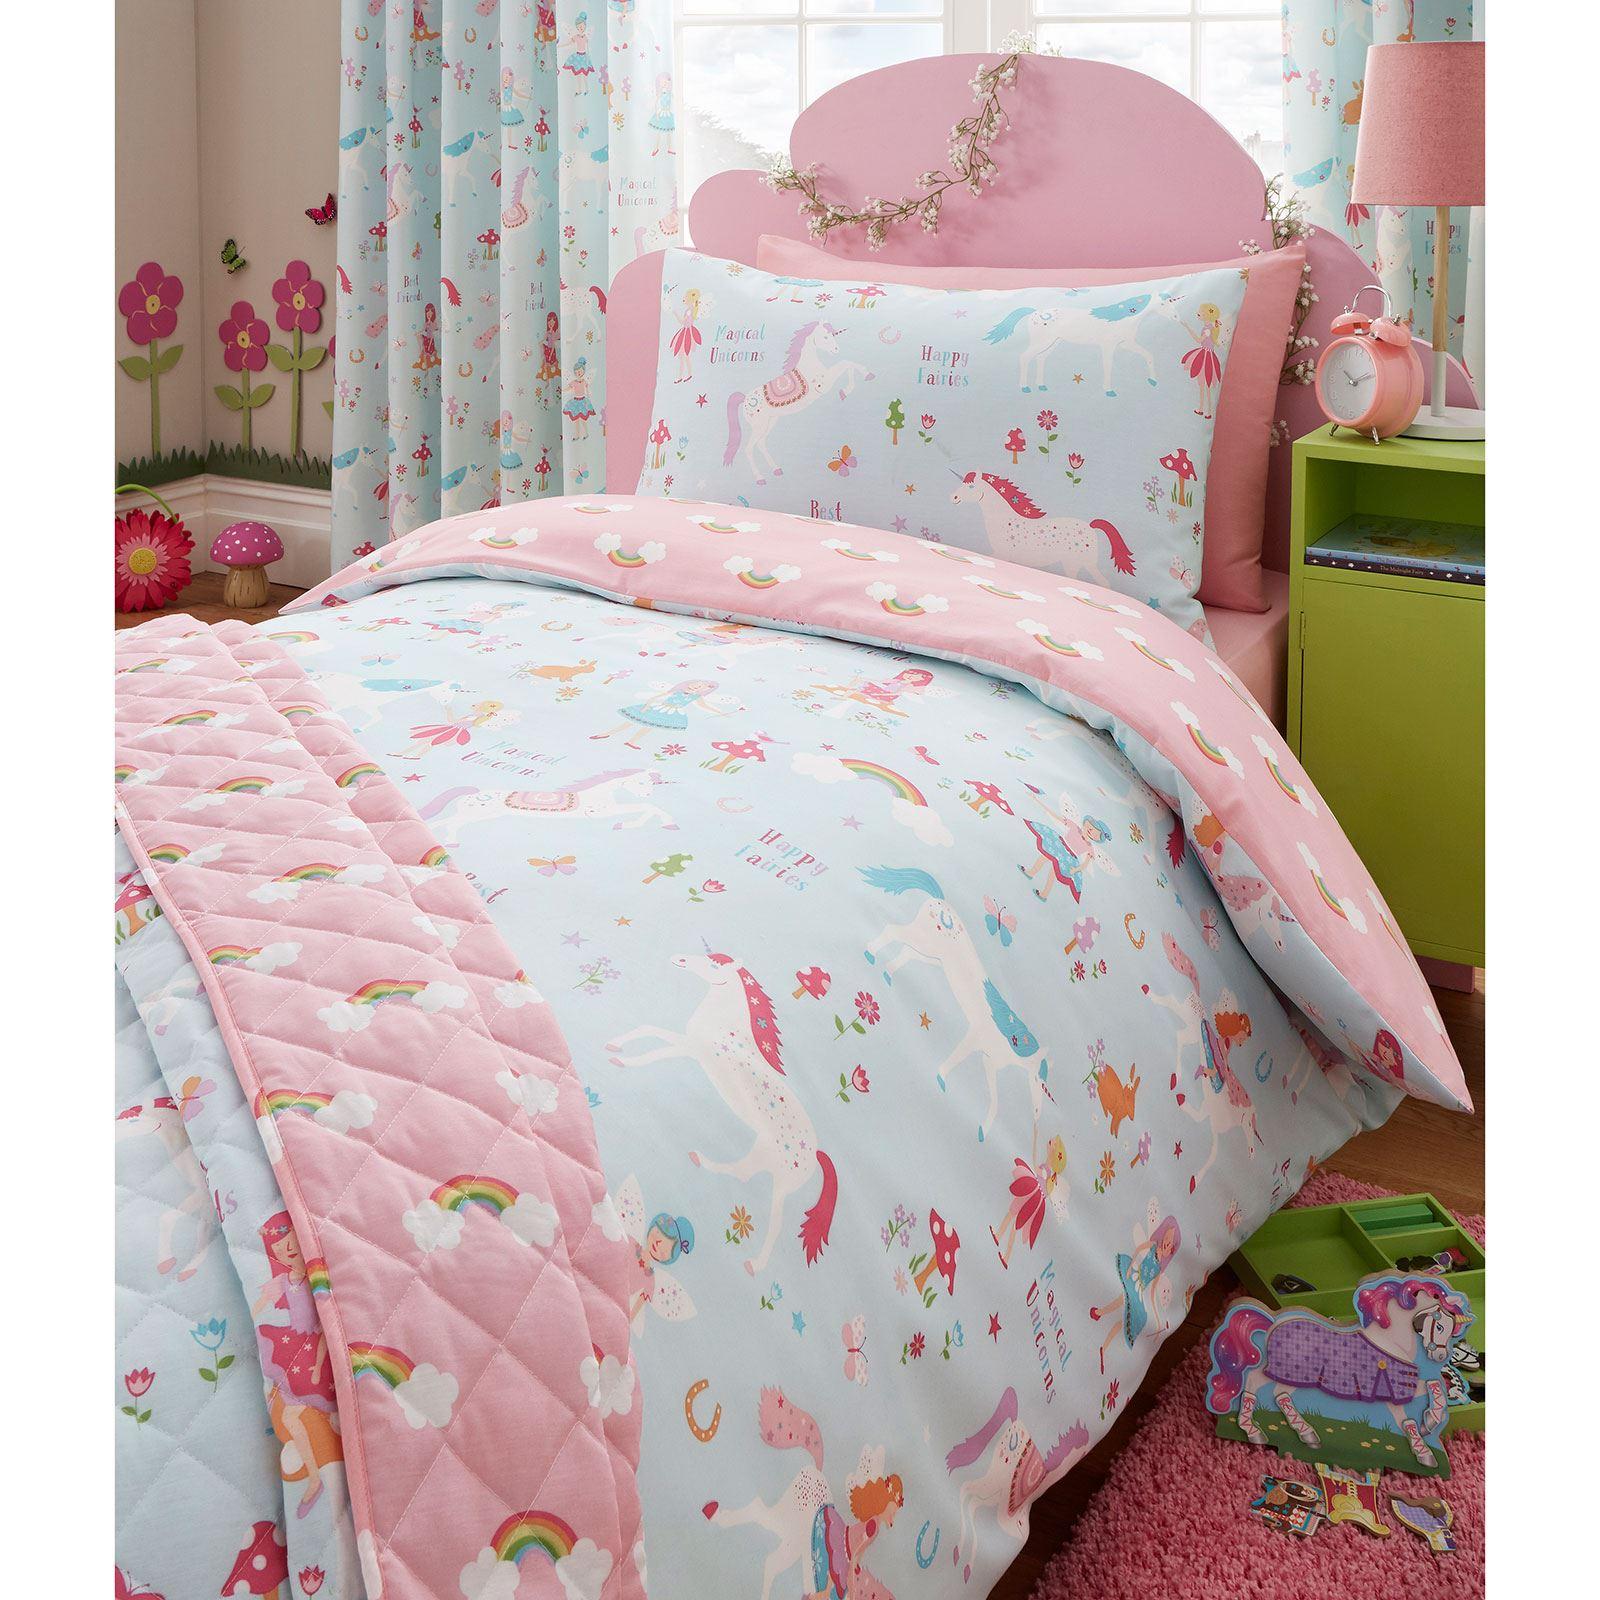 einhorn decke bez ge kinder m dchen bettw sche junior einzeln doppel king ebay. Black Bedroom Furniture Sets. Home Design Ideas